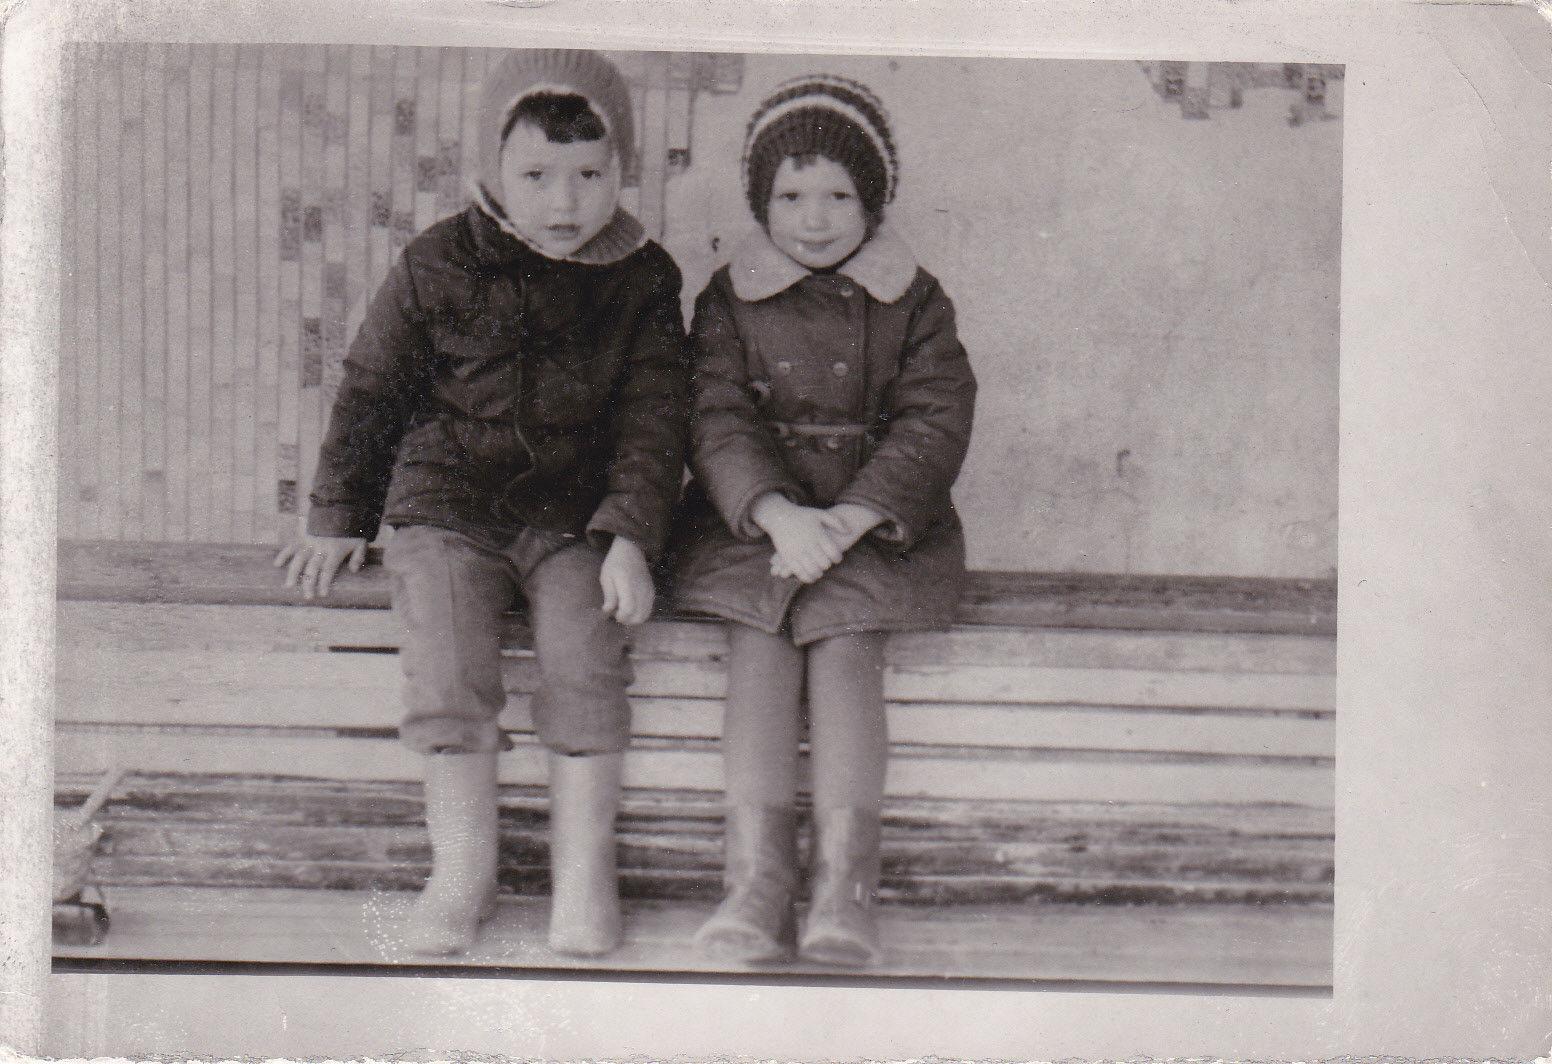 russian children in winter 1975